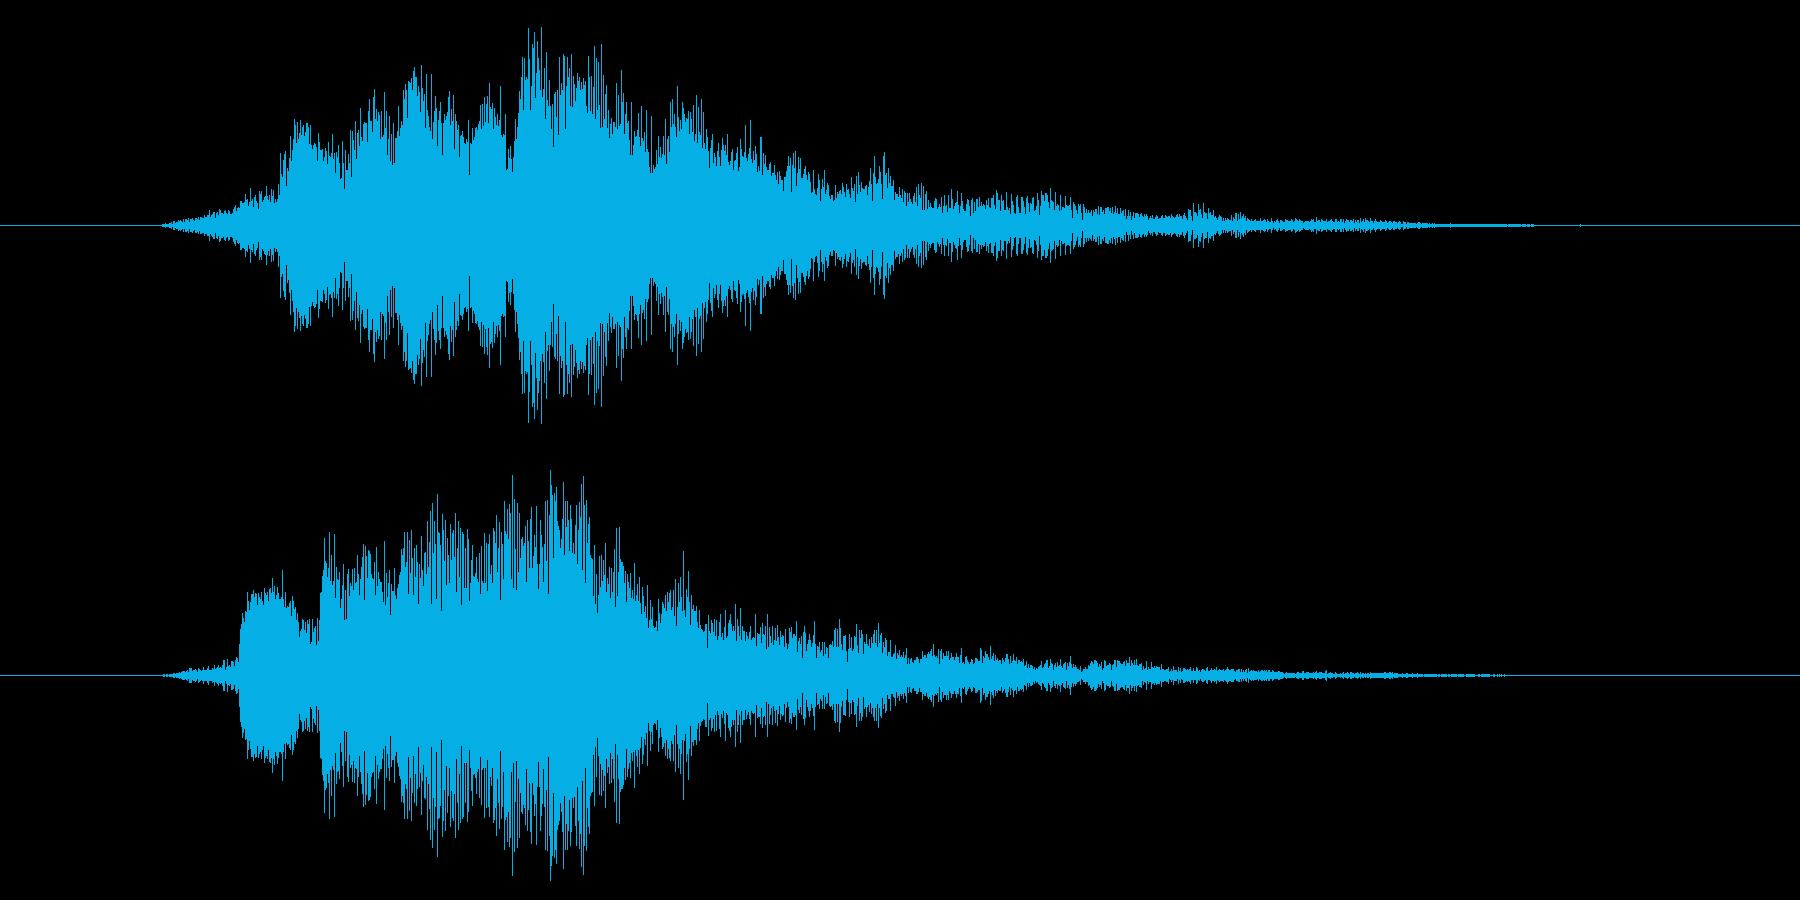 アプリやゲームなどの起動音をイメージし…の再生済みの波形